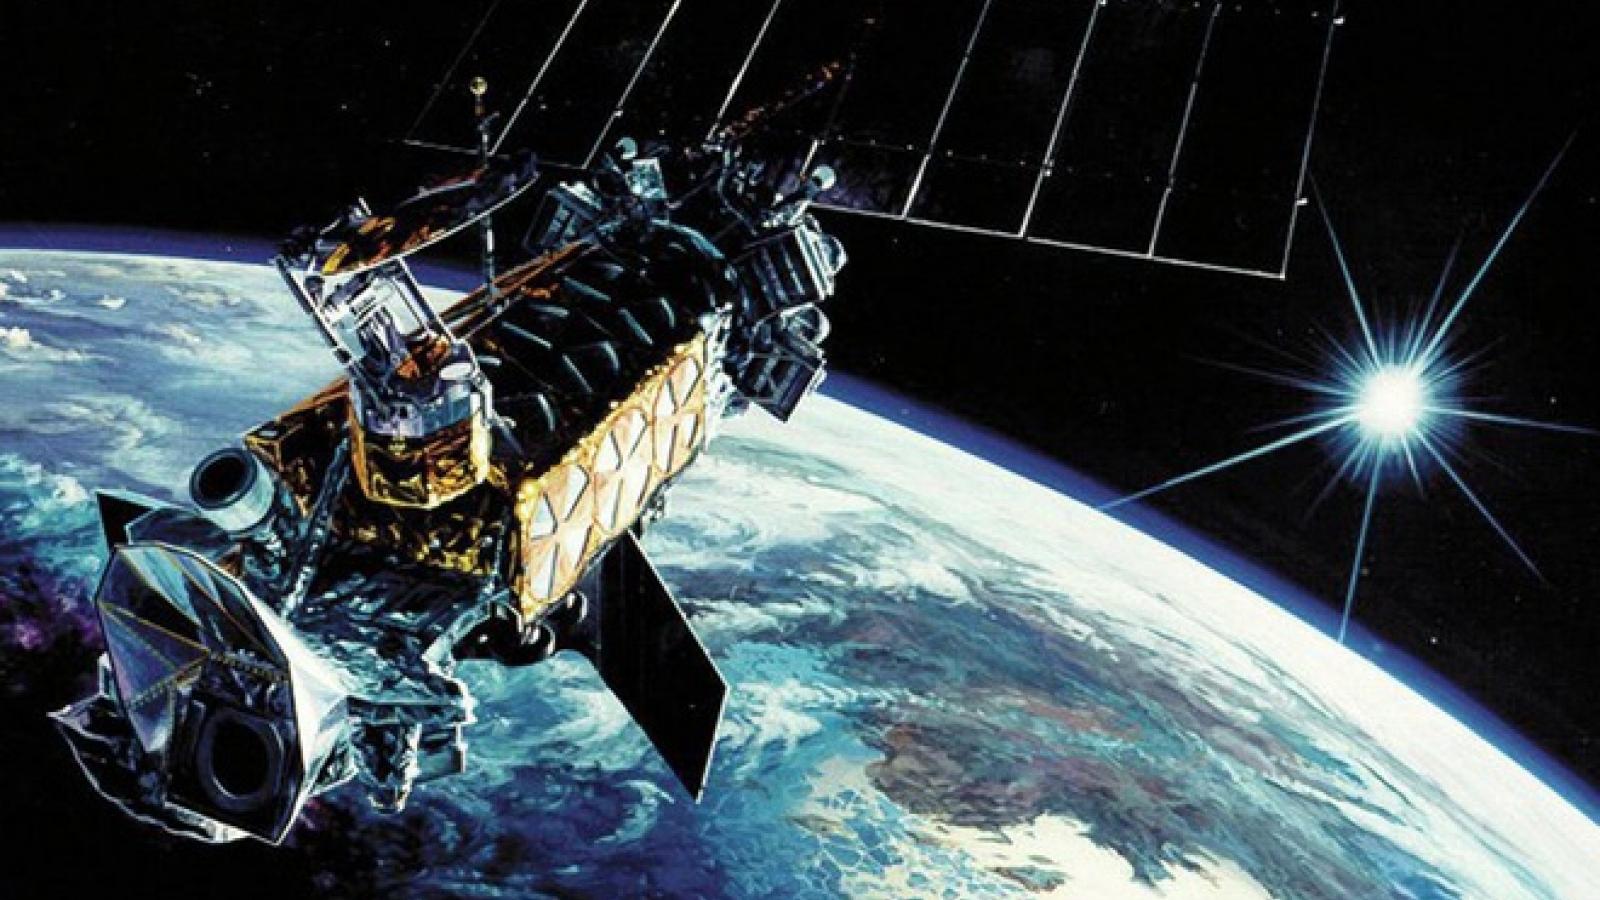 """Trung Quốc đang chế tạo các loại vũ khí làm """"mù"""" vệ tinh của Mỹ?"""